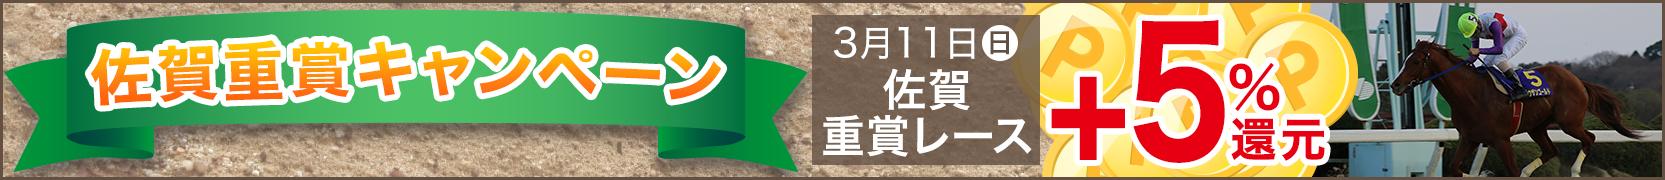 佐賀重賞キャンペーン スポニチ杯 はがくれ大賞典